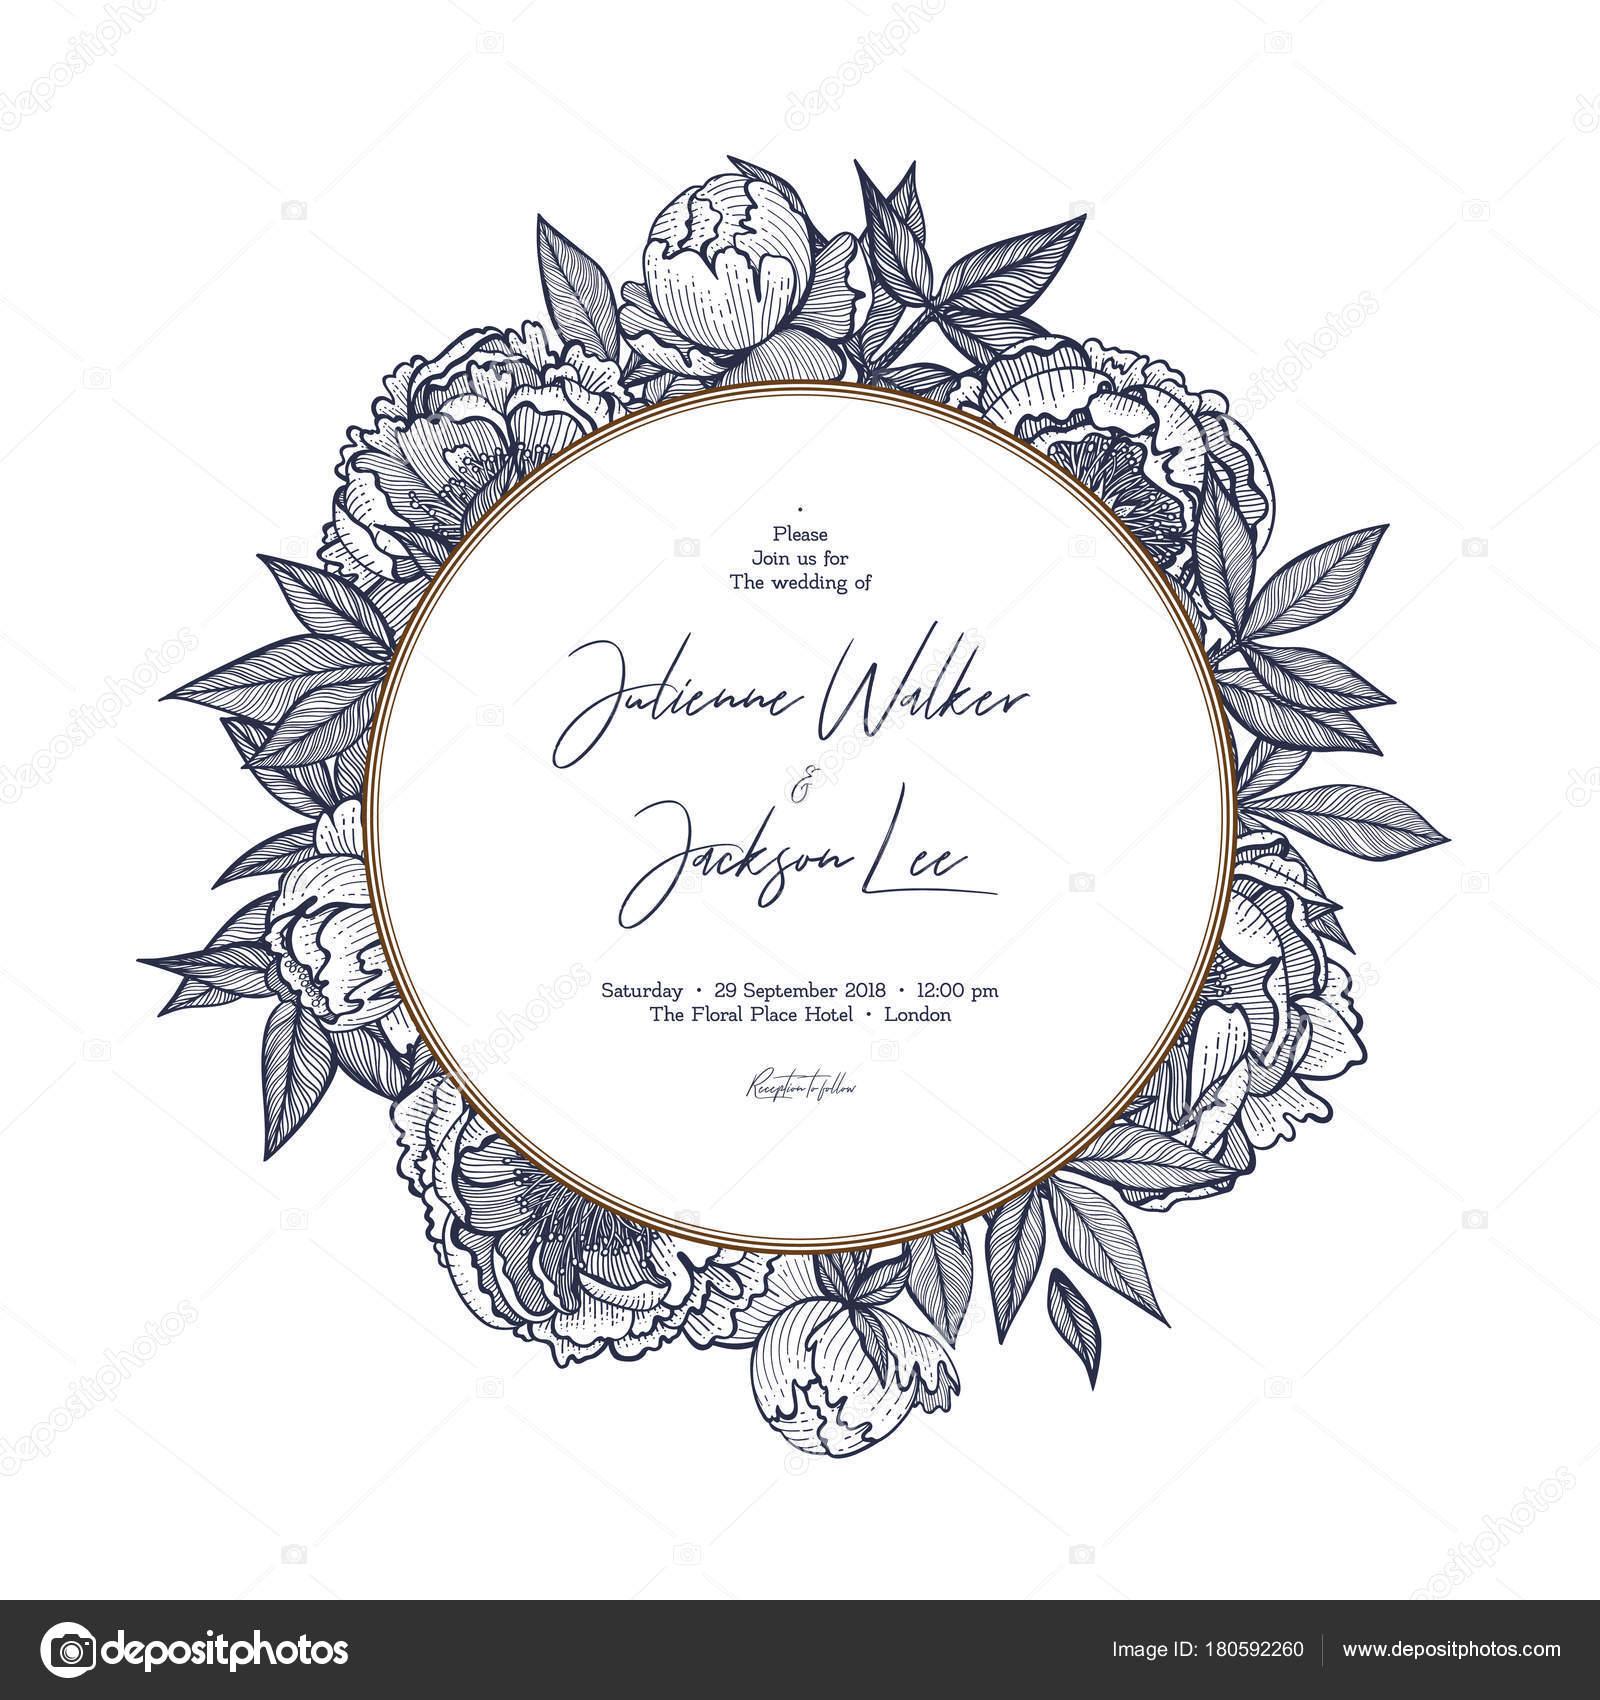 diseo de plantillas para invitaciones de boda excepto la fecha tarjetas de felicitacin o invitaciones para cualquier otras vacaciones en estilo vintage